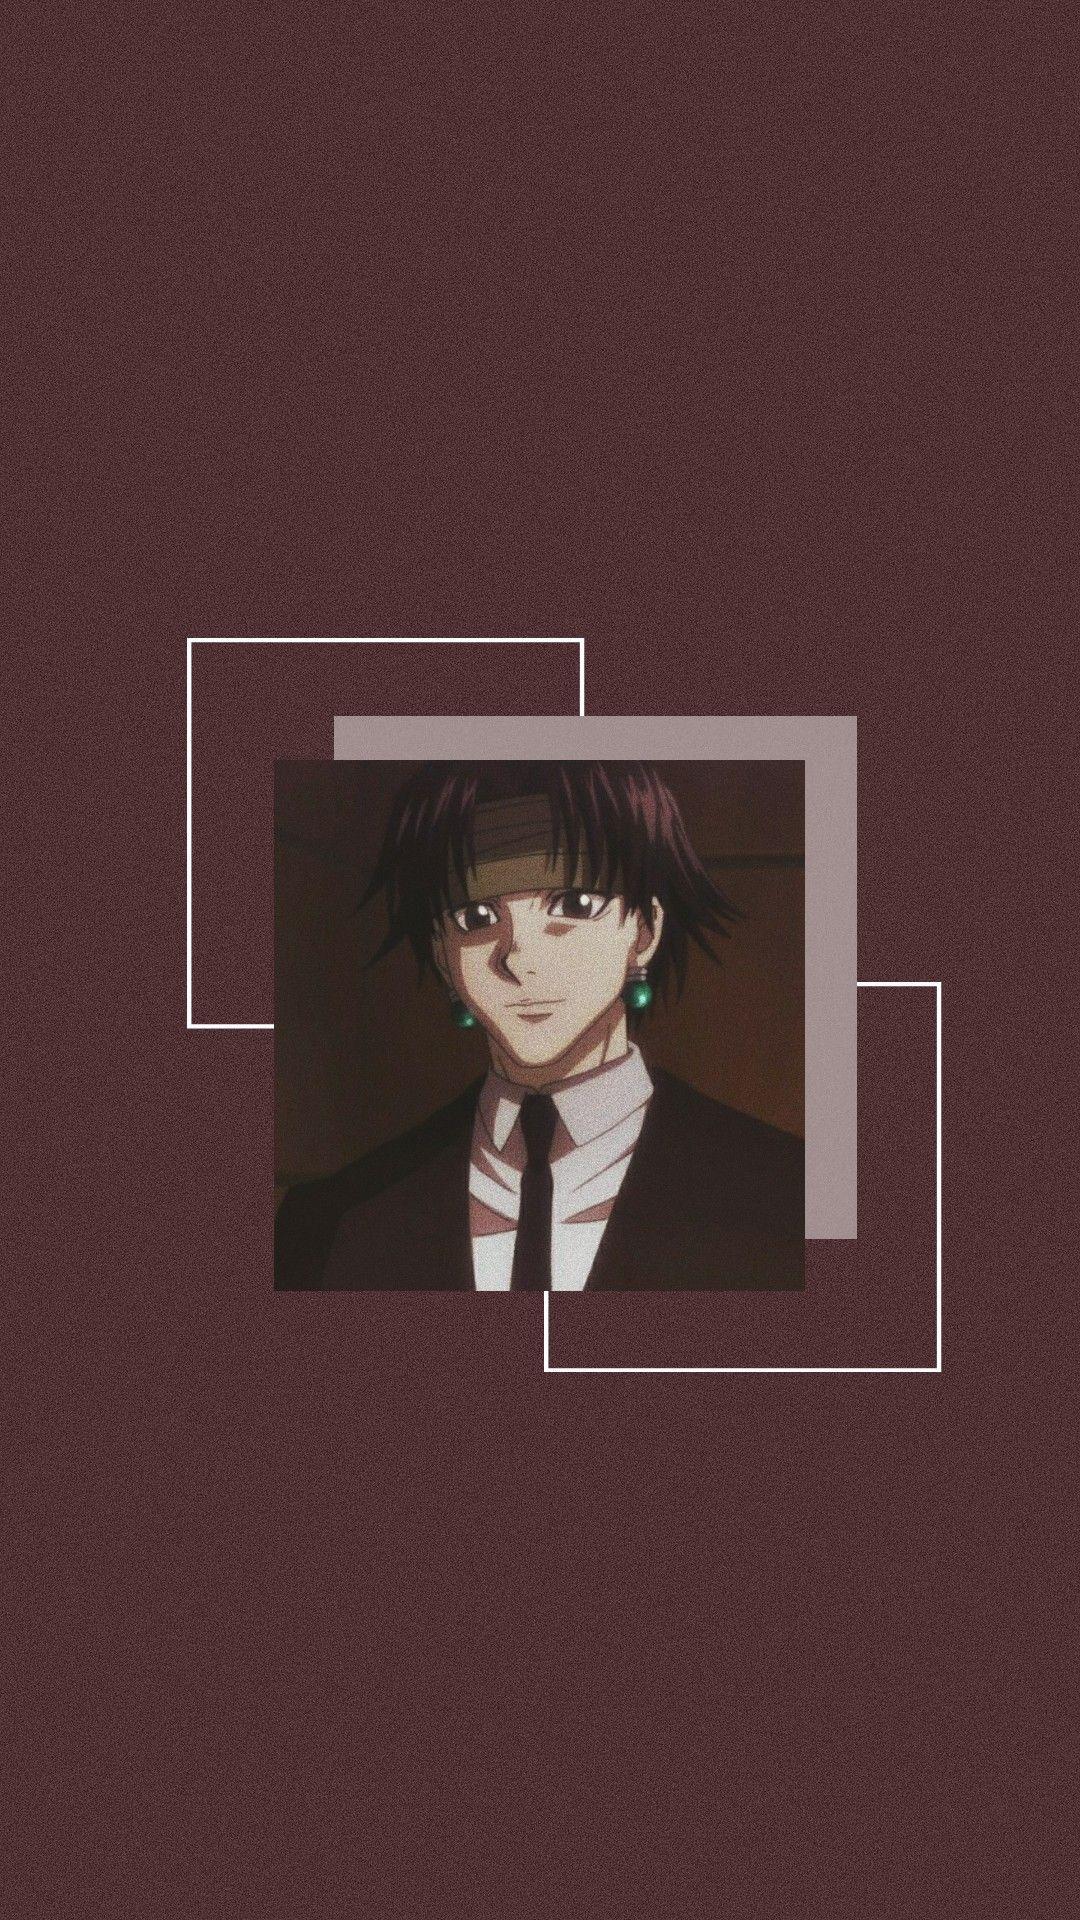 Chrollo Wallpaper In 2020 Cute Anime Wallpaper Anime Wallpaper Hunter Anime